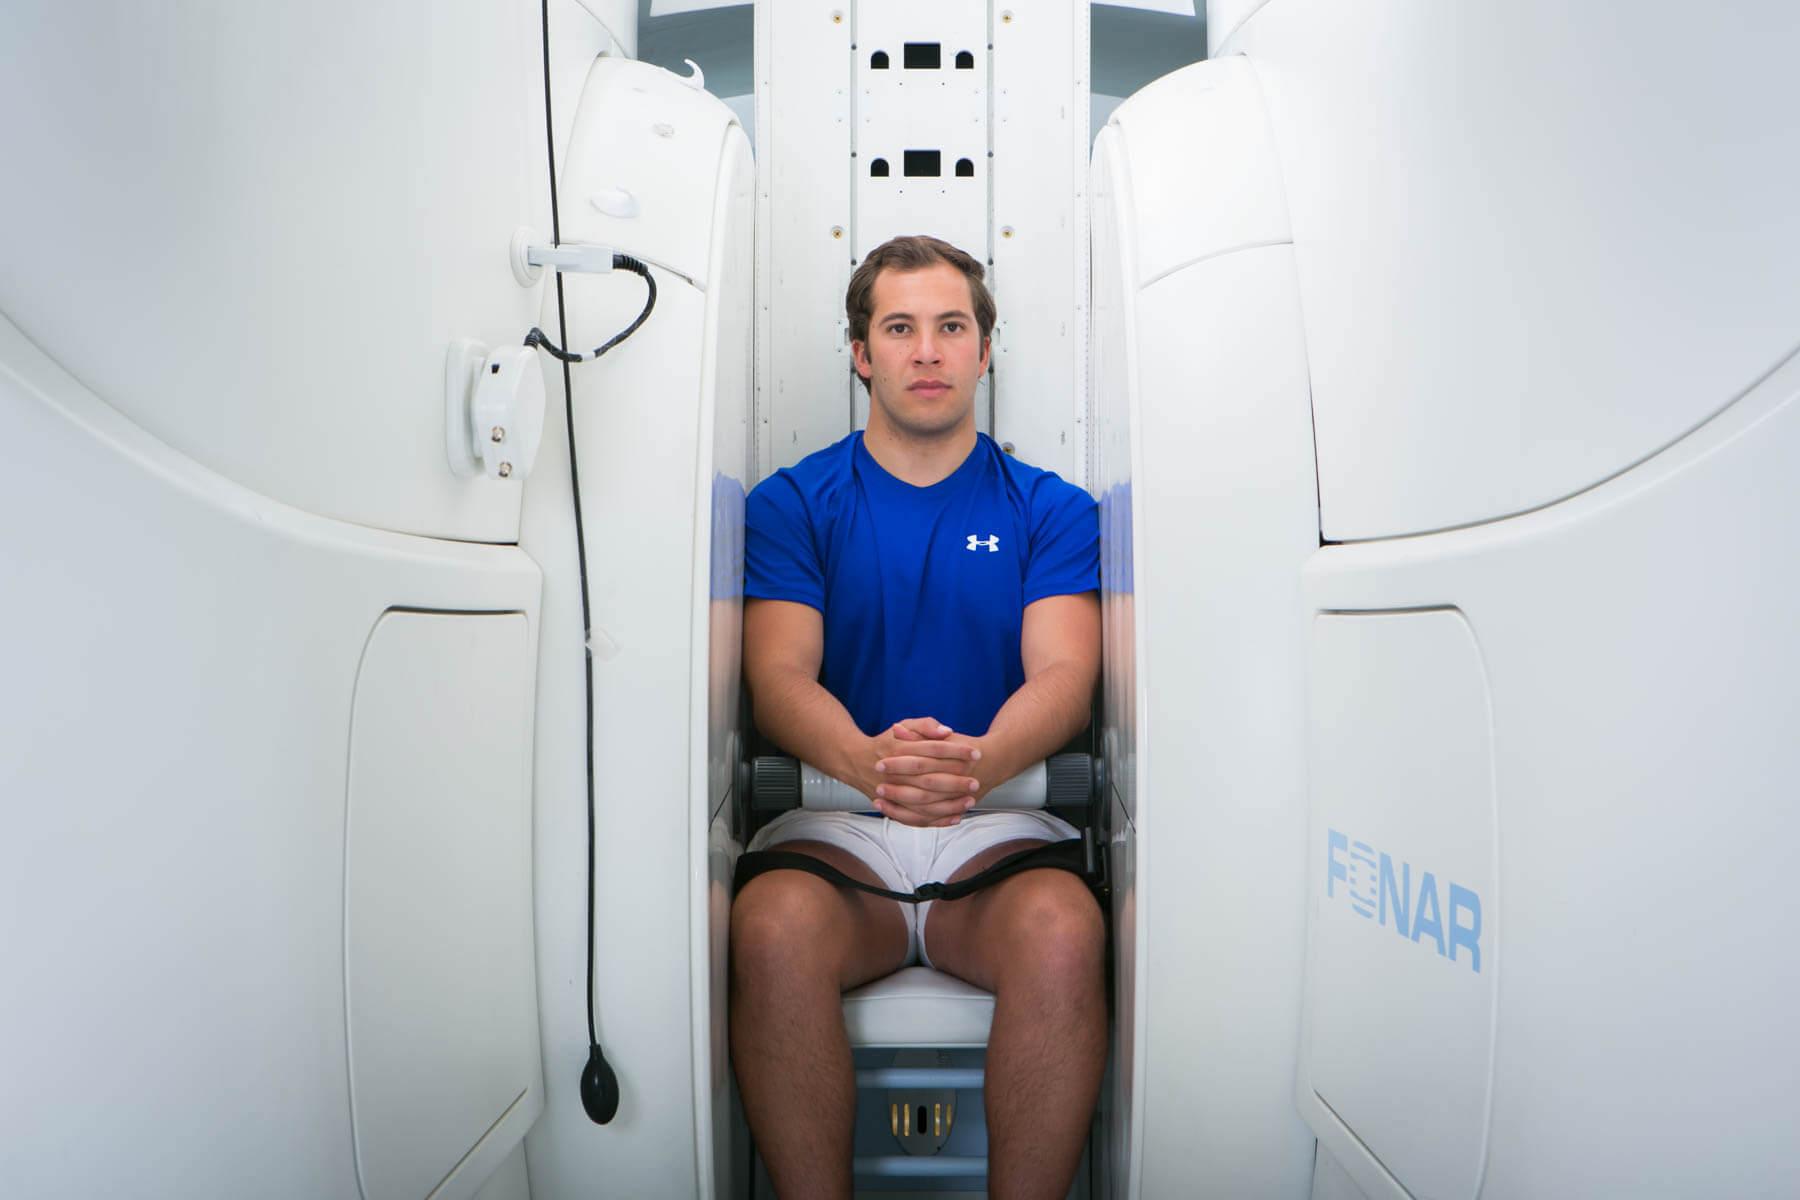 Whiplash/piskesmæld diagnose på ufMRI scanningsbillede - få hjælp hos REbrain Clinic